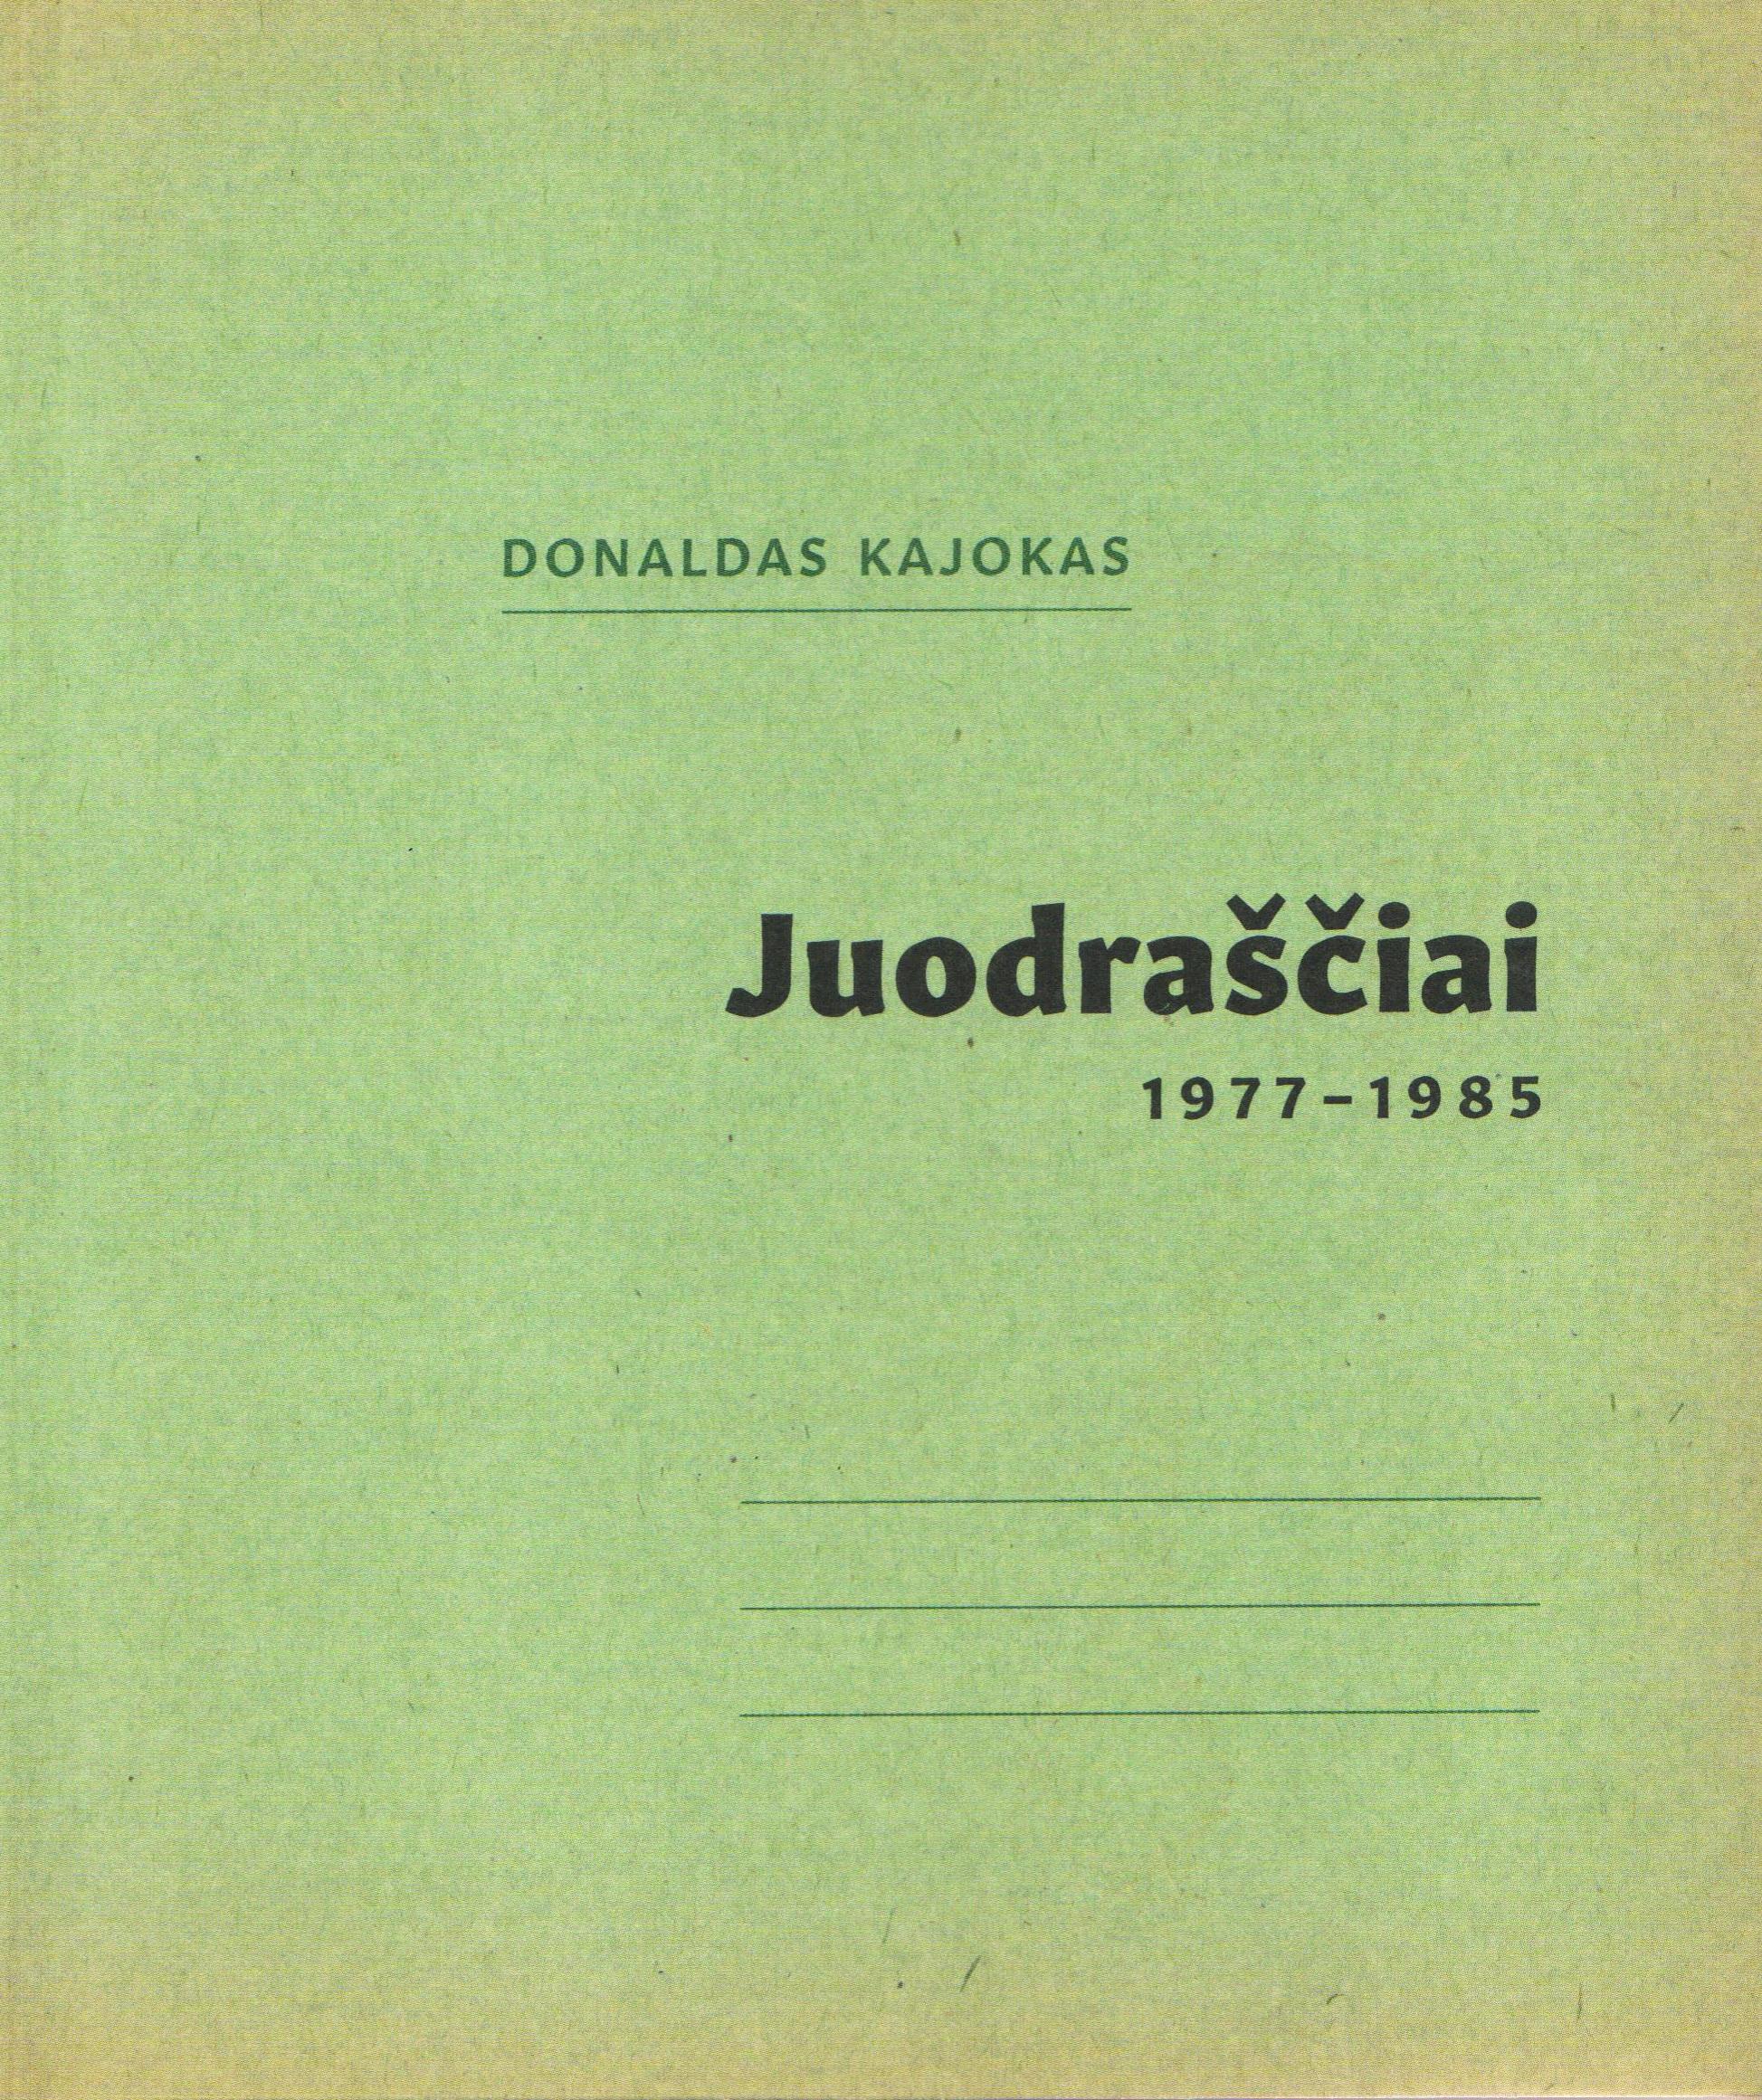 """Donaldas Kajokas. """"Juodraščiai. 1977–1985"""". Sudarytojai Raminta Lampsatis (Lampstatytė), Zigmas Kalesinskas, Gertrūda Jovaraitė (Kaunas: Kauno r. muziejus, 2019)"""